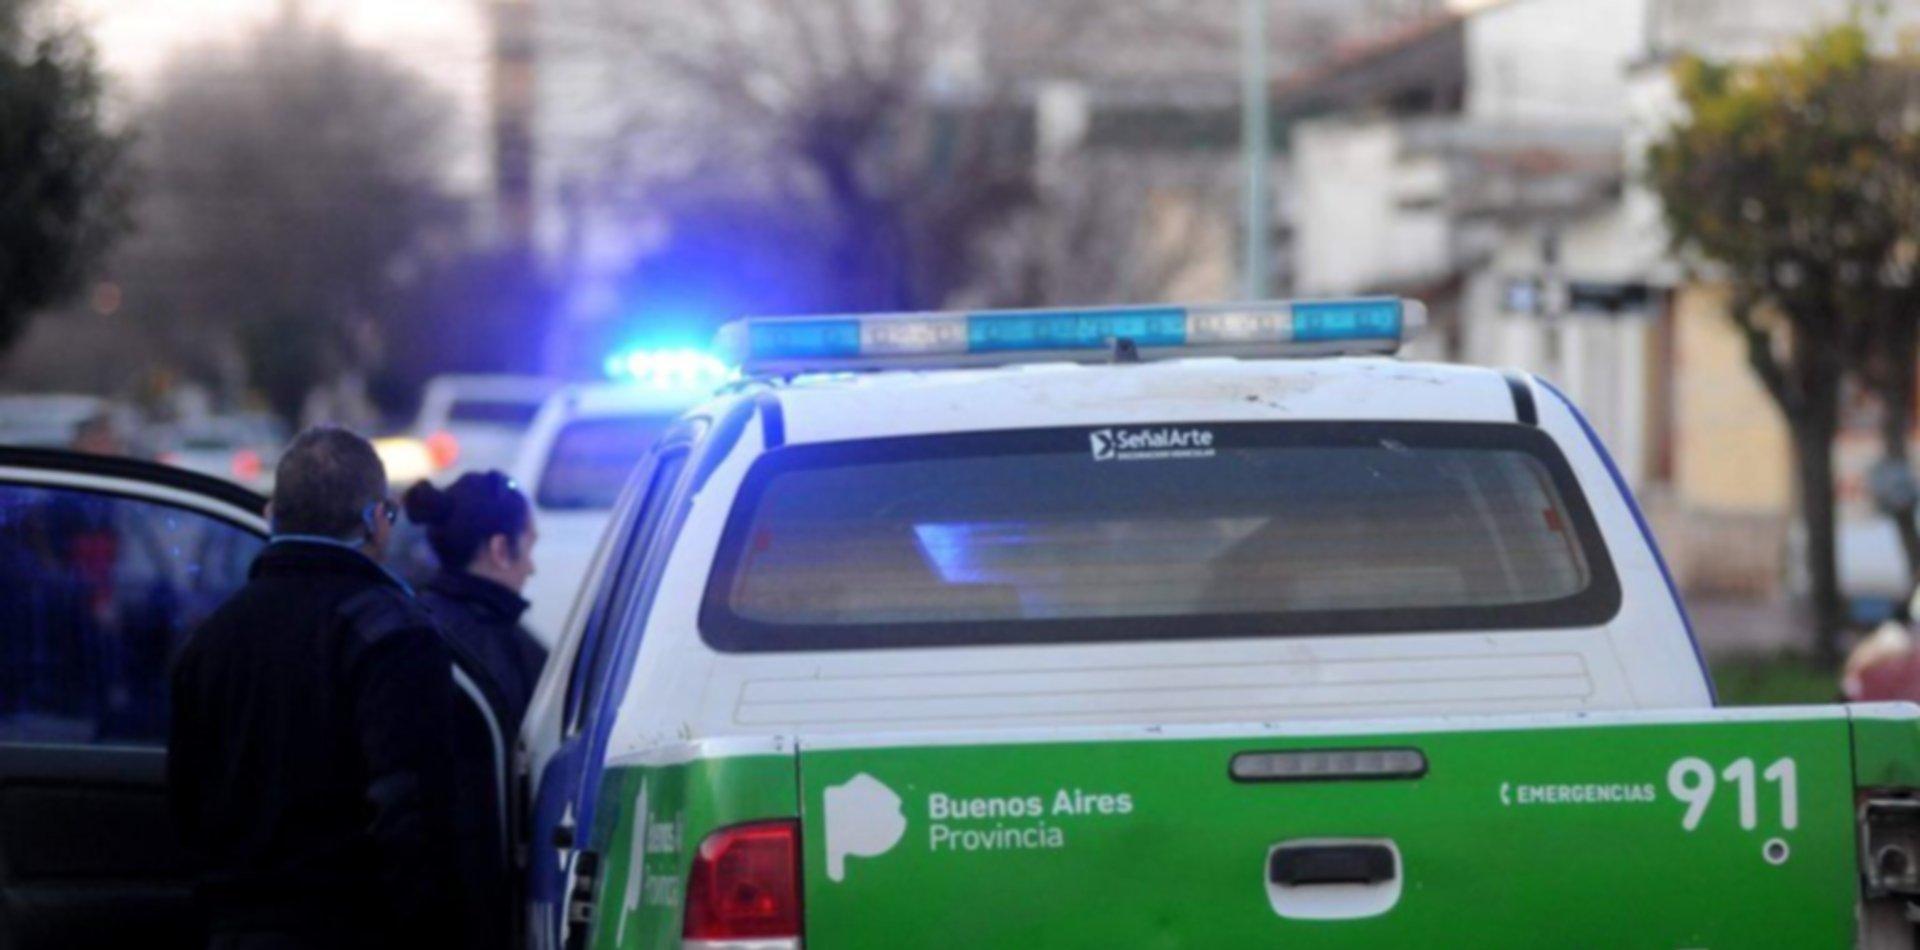 Dos hombres se pelearon en Tolosa y uno prendió fuego a otro: está grave